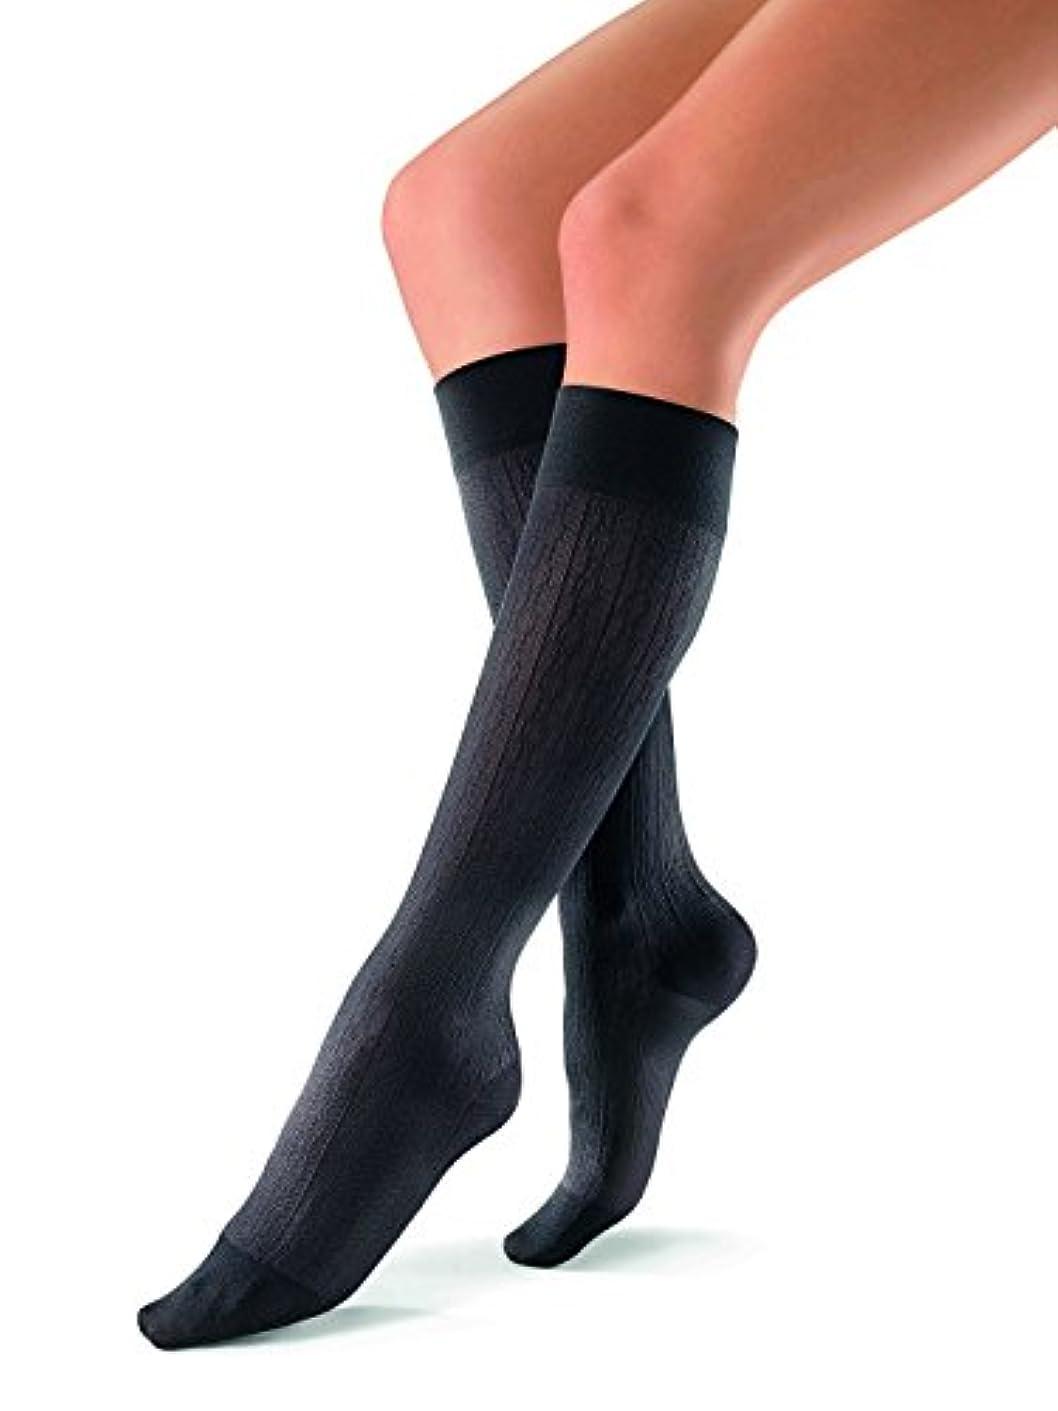 ベンチャー落とし穴ビリーJobst soSoft Women Brocade Knee Highs 30-40mmHg, L, Black by Jobst